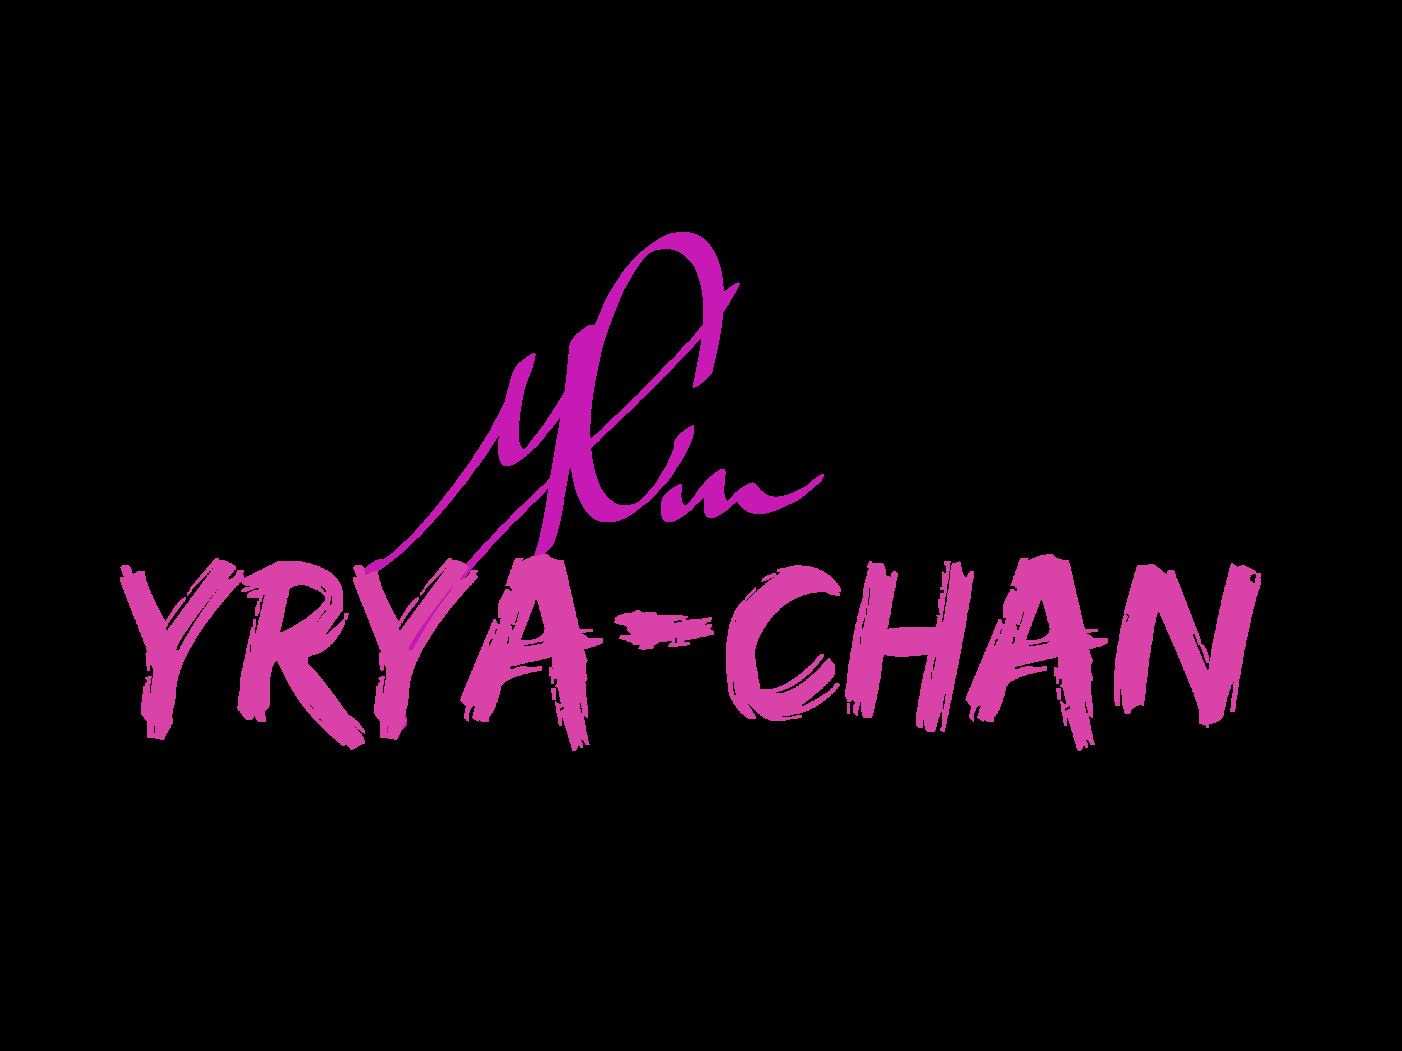 Yrya-chan